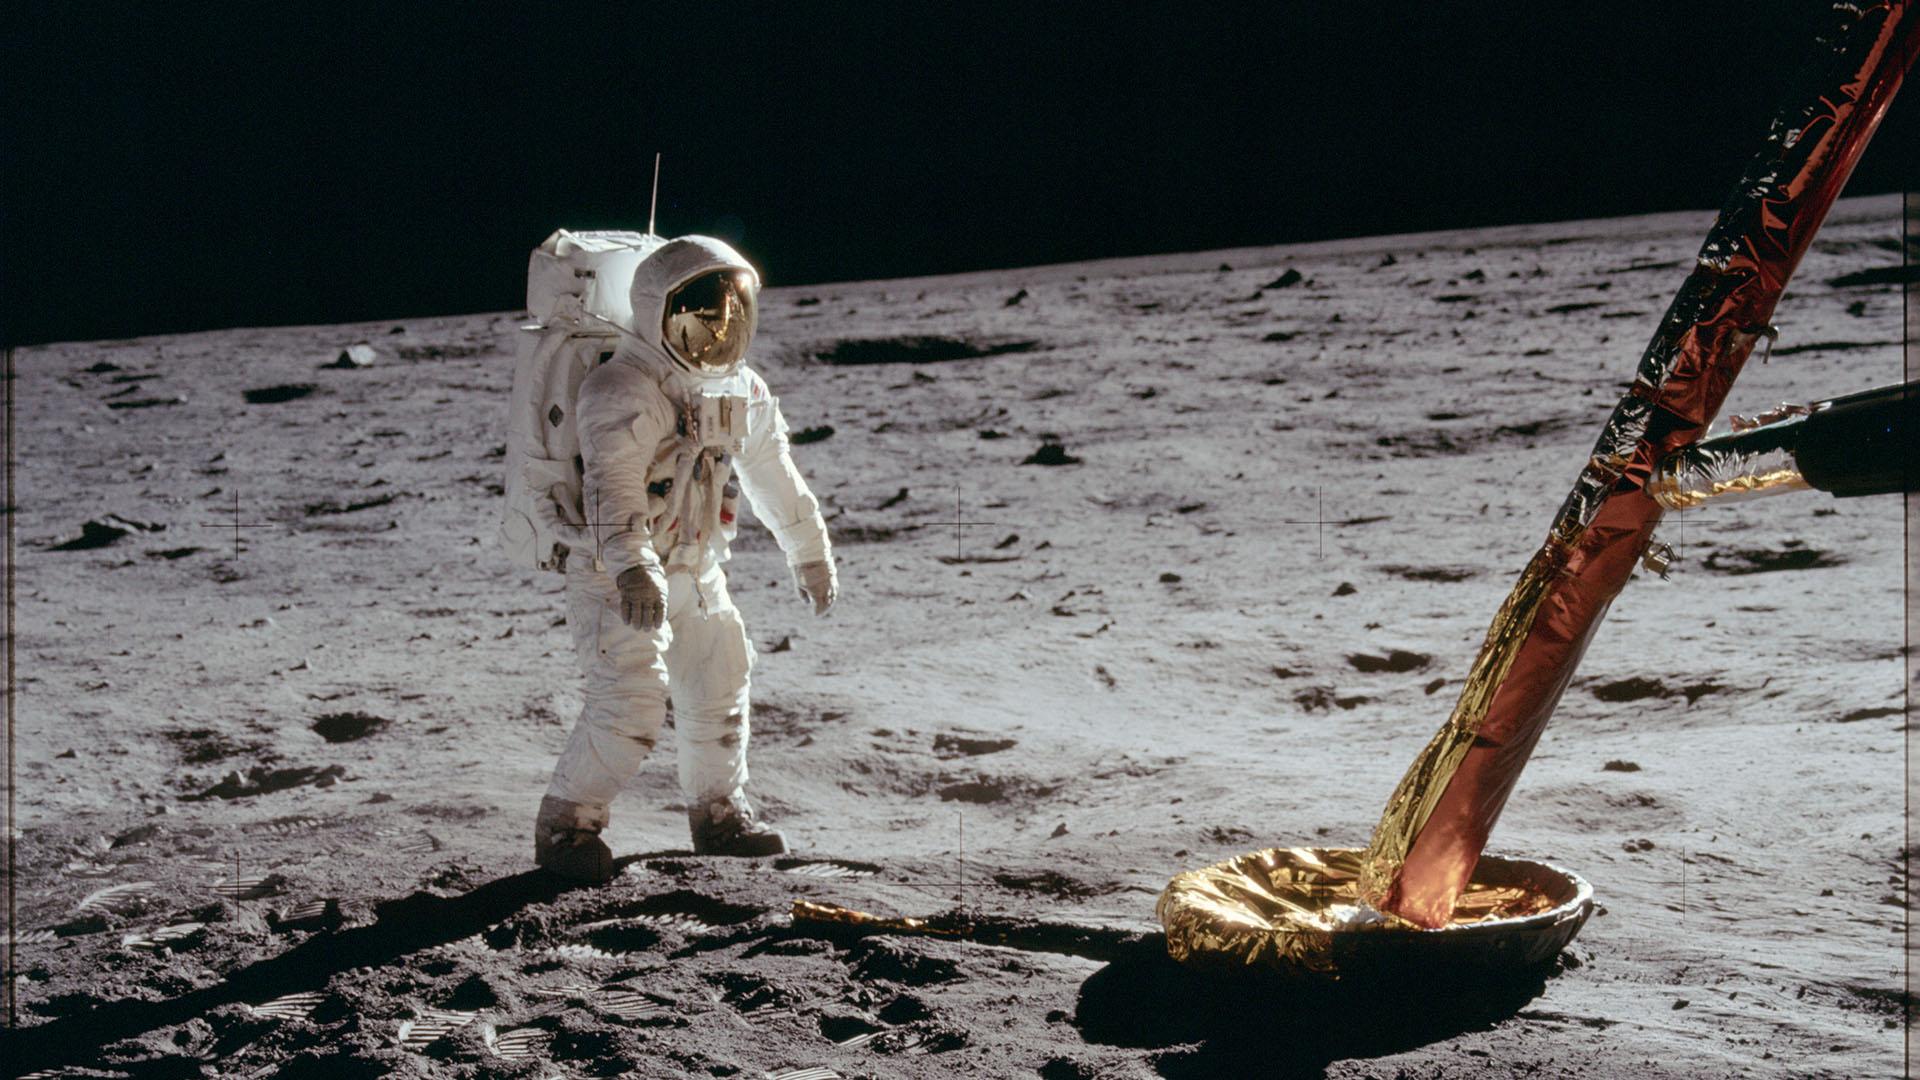 Apollo 11 Astronaut